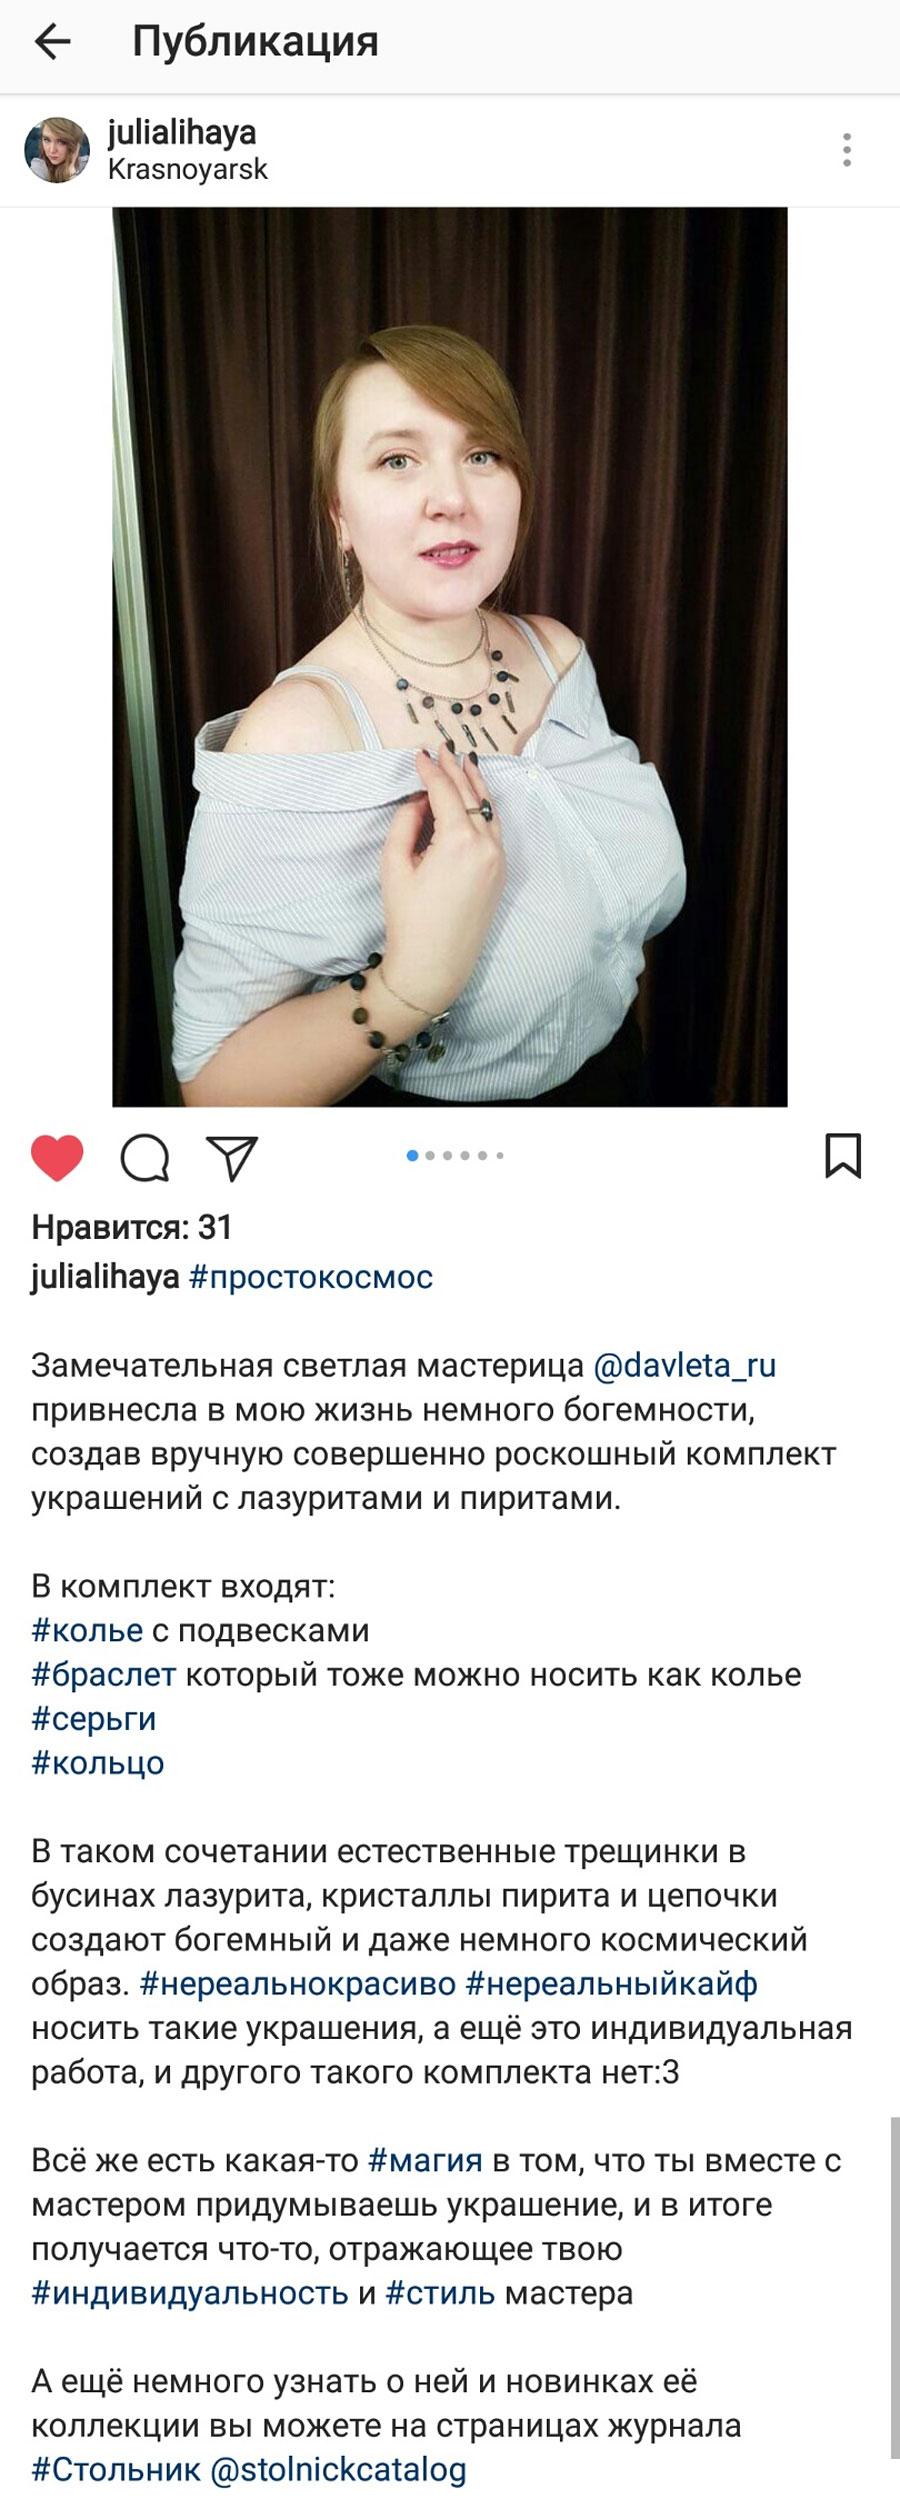 Отзыв Юлии Лихановой